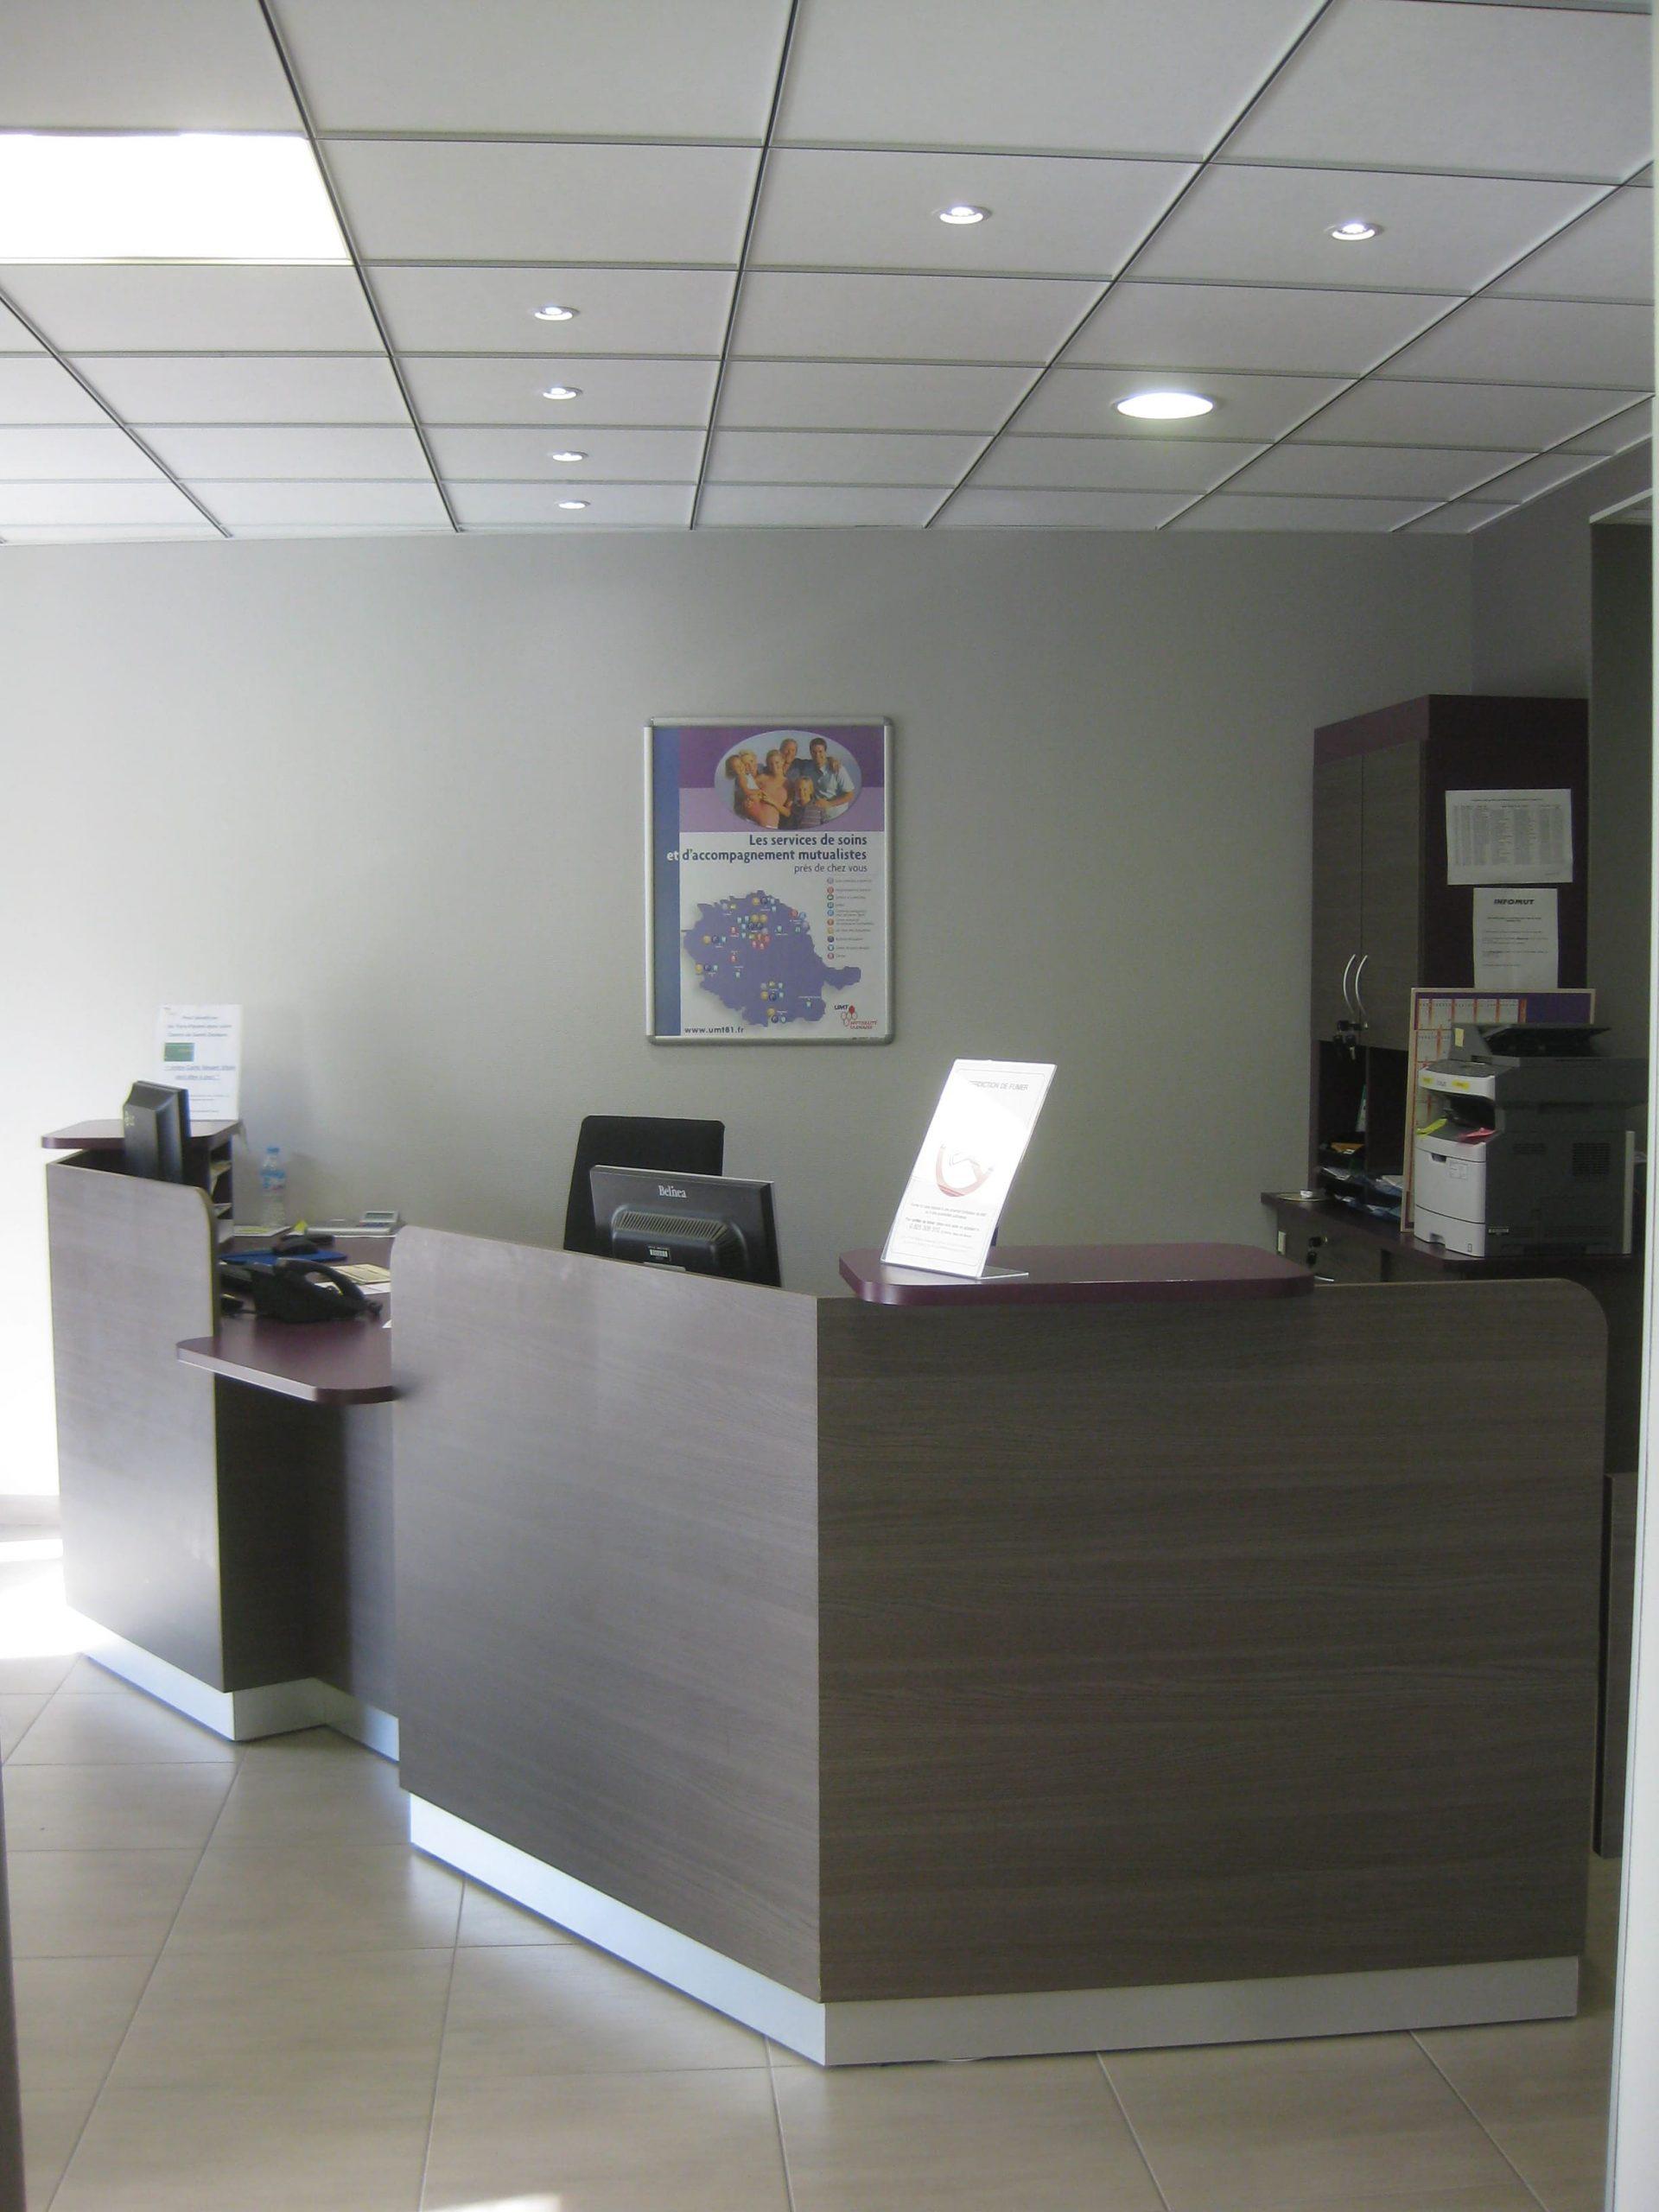 Comptoir d'accueil de l'UMT Dentaire de St-Juéry conçu par SAFRA Agencement